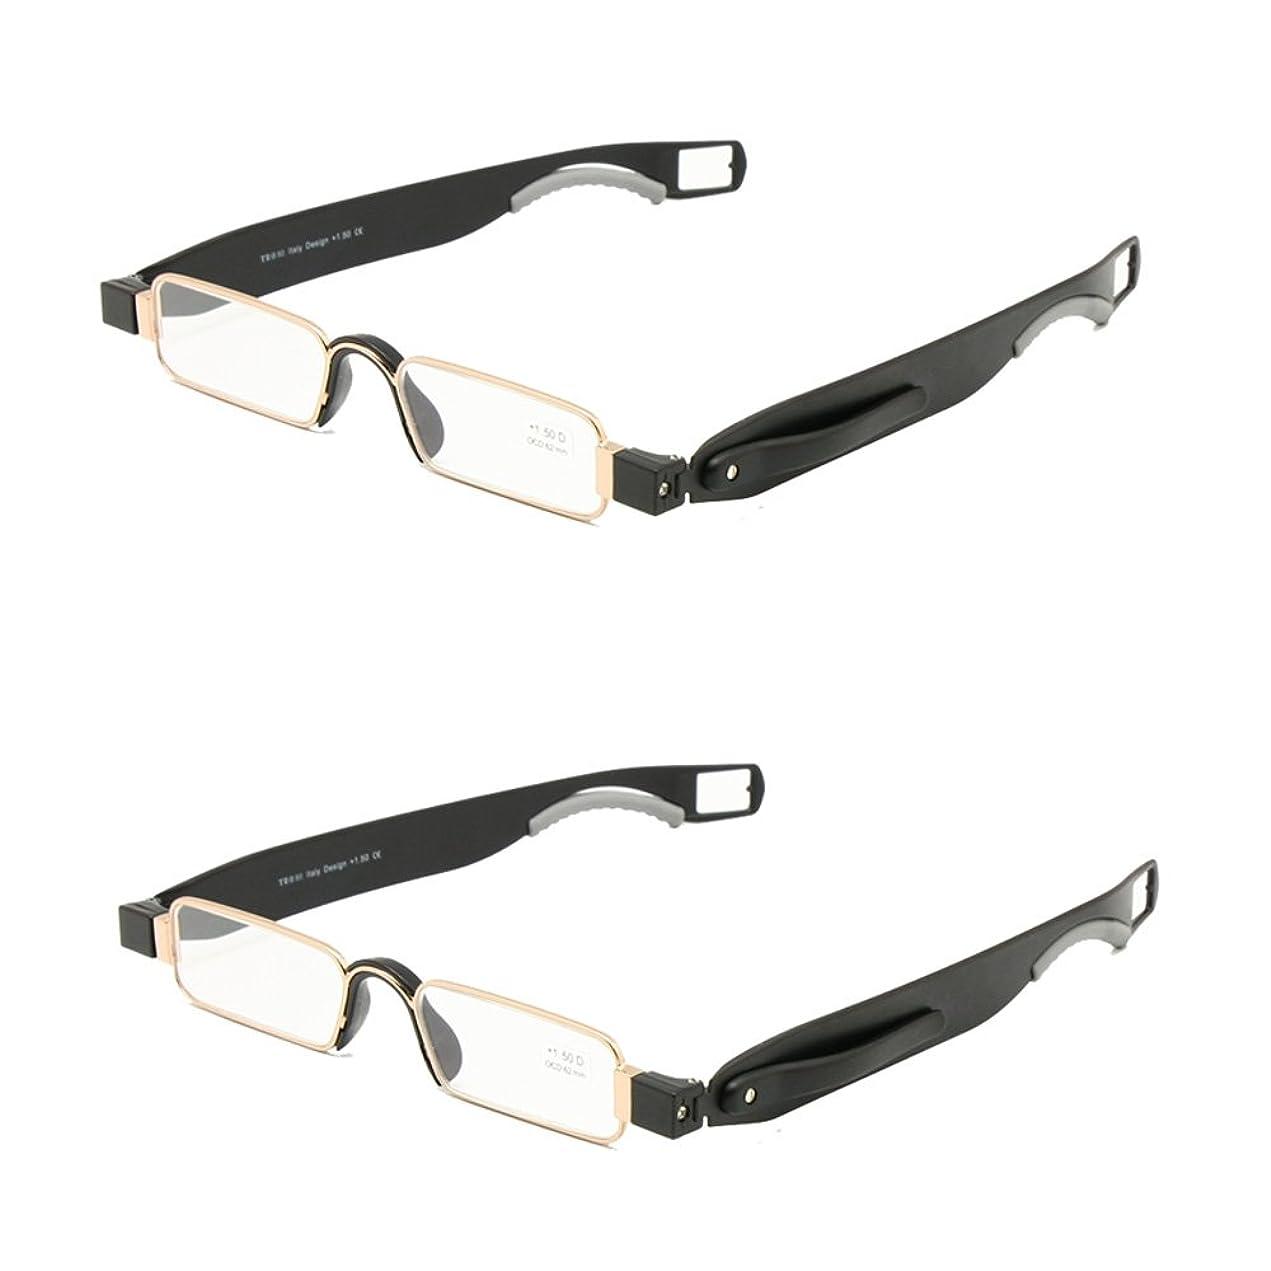 藤色疲れた明示的に折りたたみ老眼鏡レザーケースミニポケットリーダーフラット薄型老眼 + 1.0 ~ + 3.5 (+200, 2組)